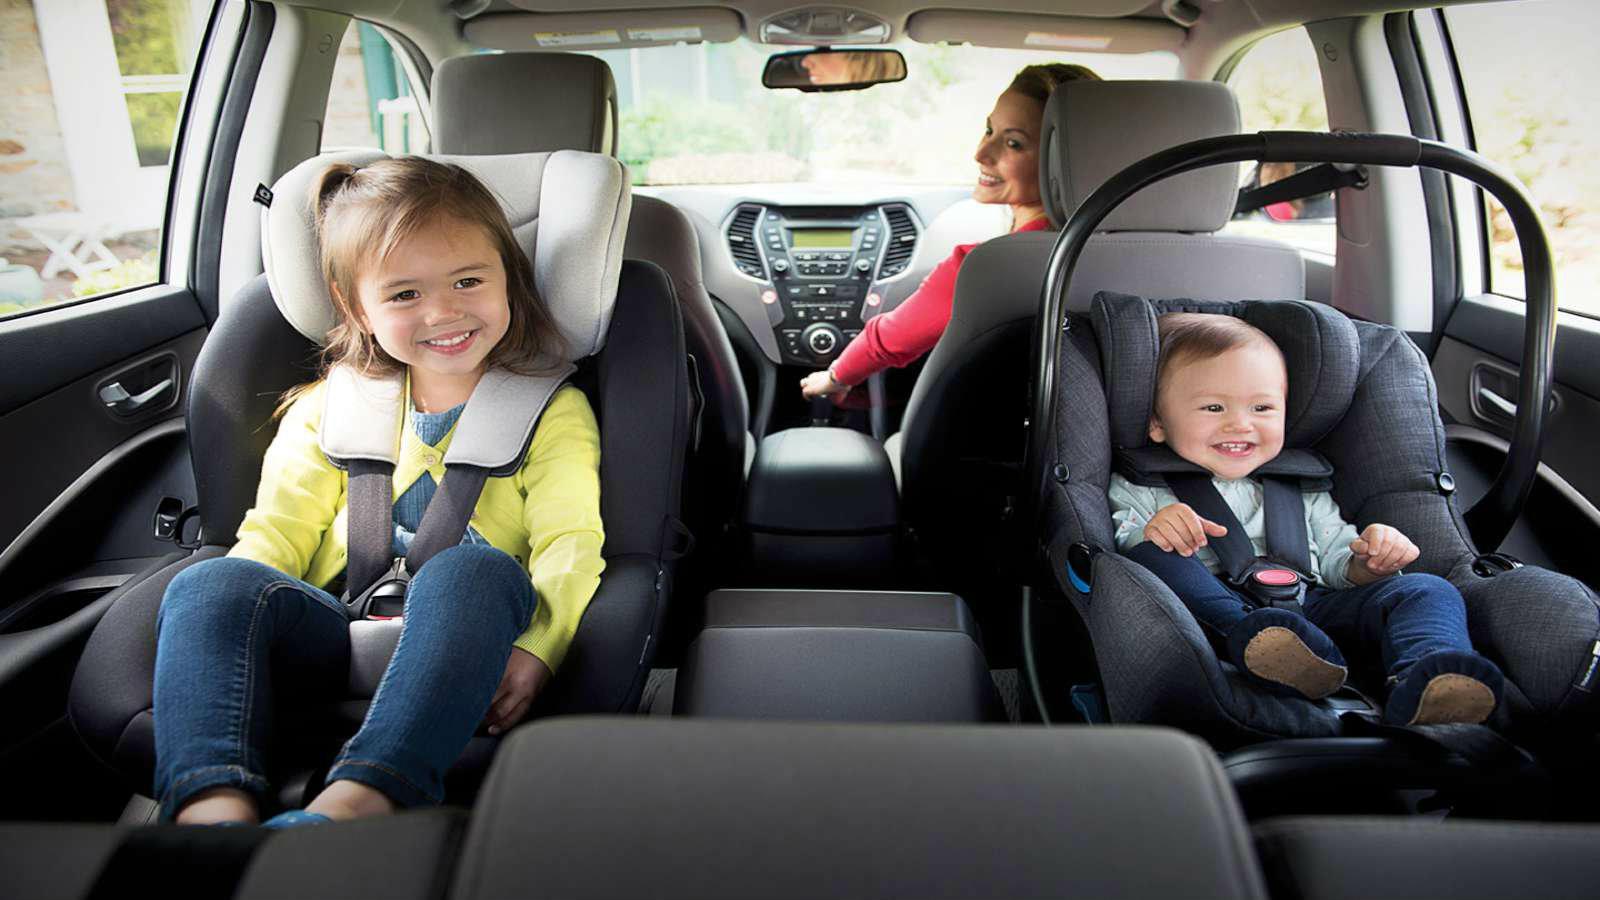 Crianças seguras. Via: Google imagens / dia das crianças